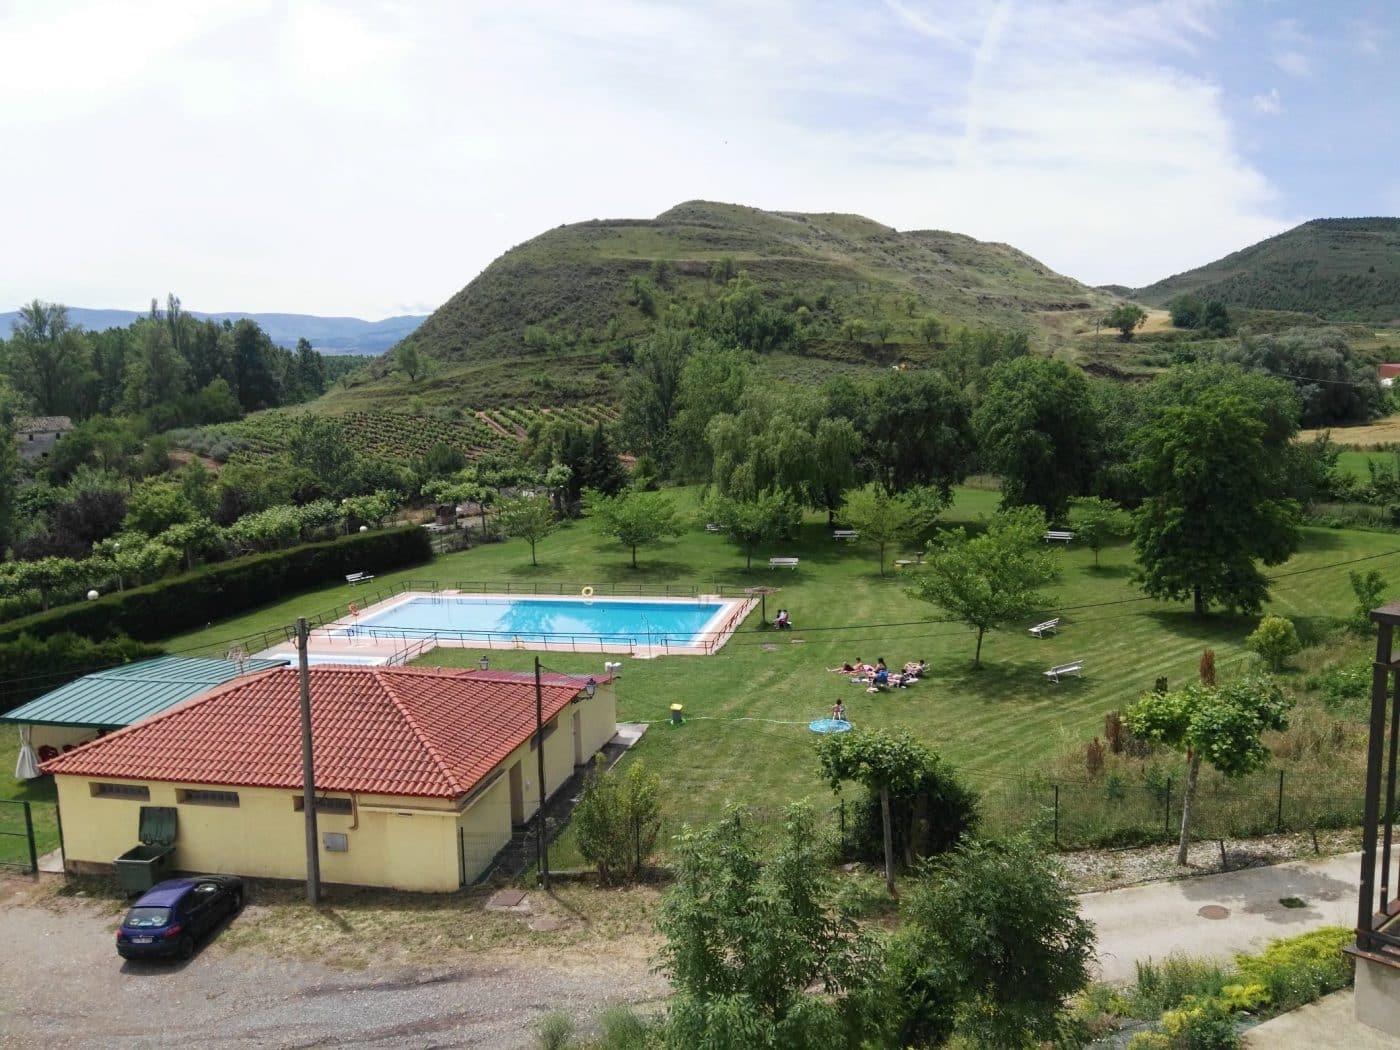 Salud ofrece recomendaciones a la población riojana para disfrutar de un verano saludable 2